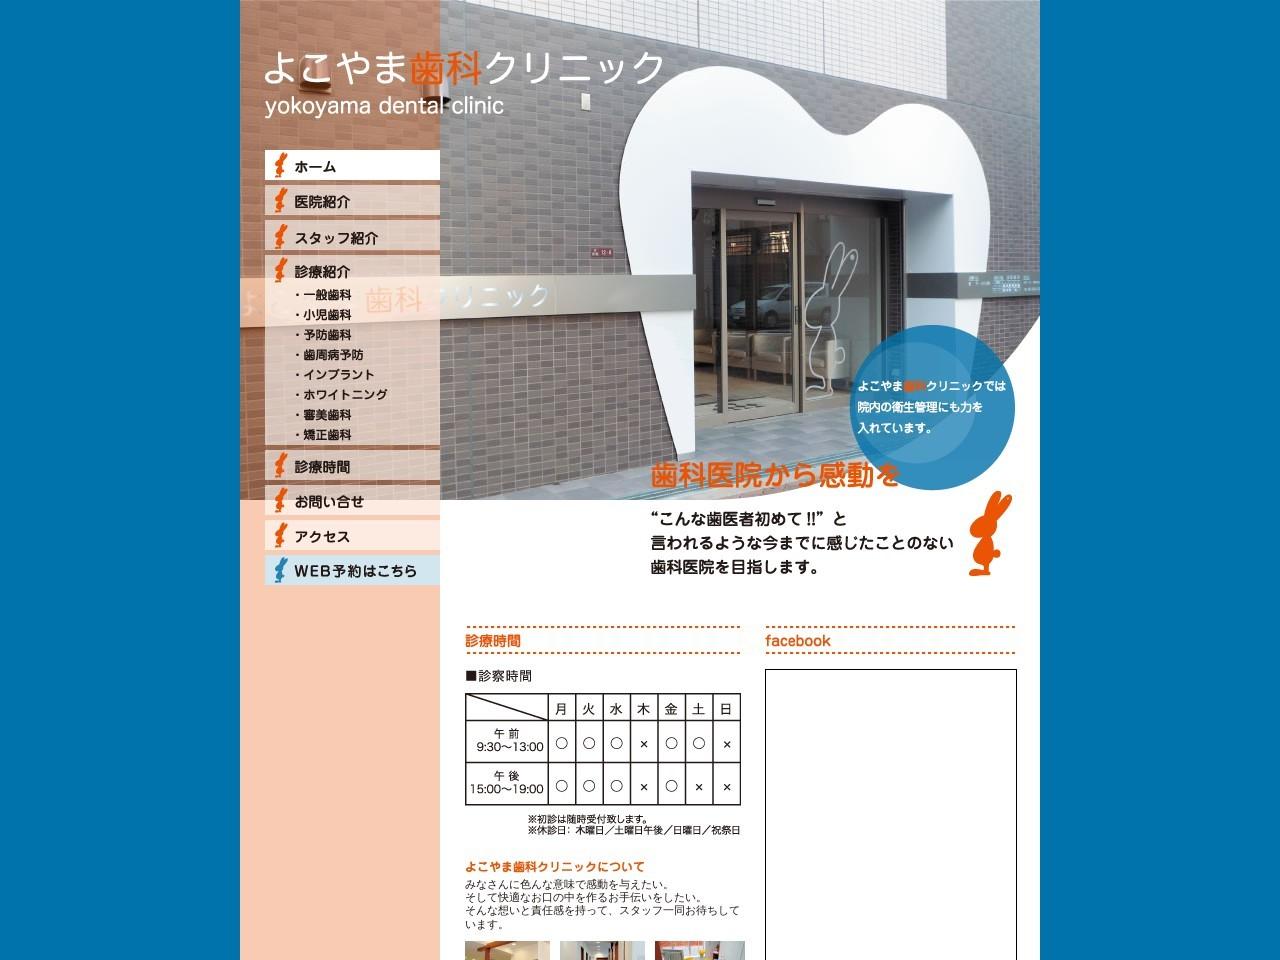 よこやま歯科クリニック (大阪府大阪市鶴見区)